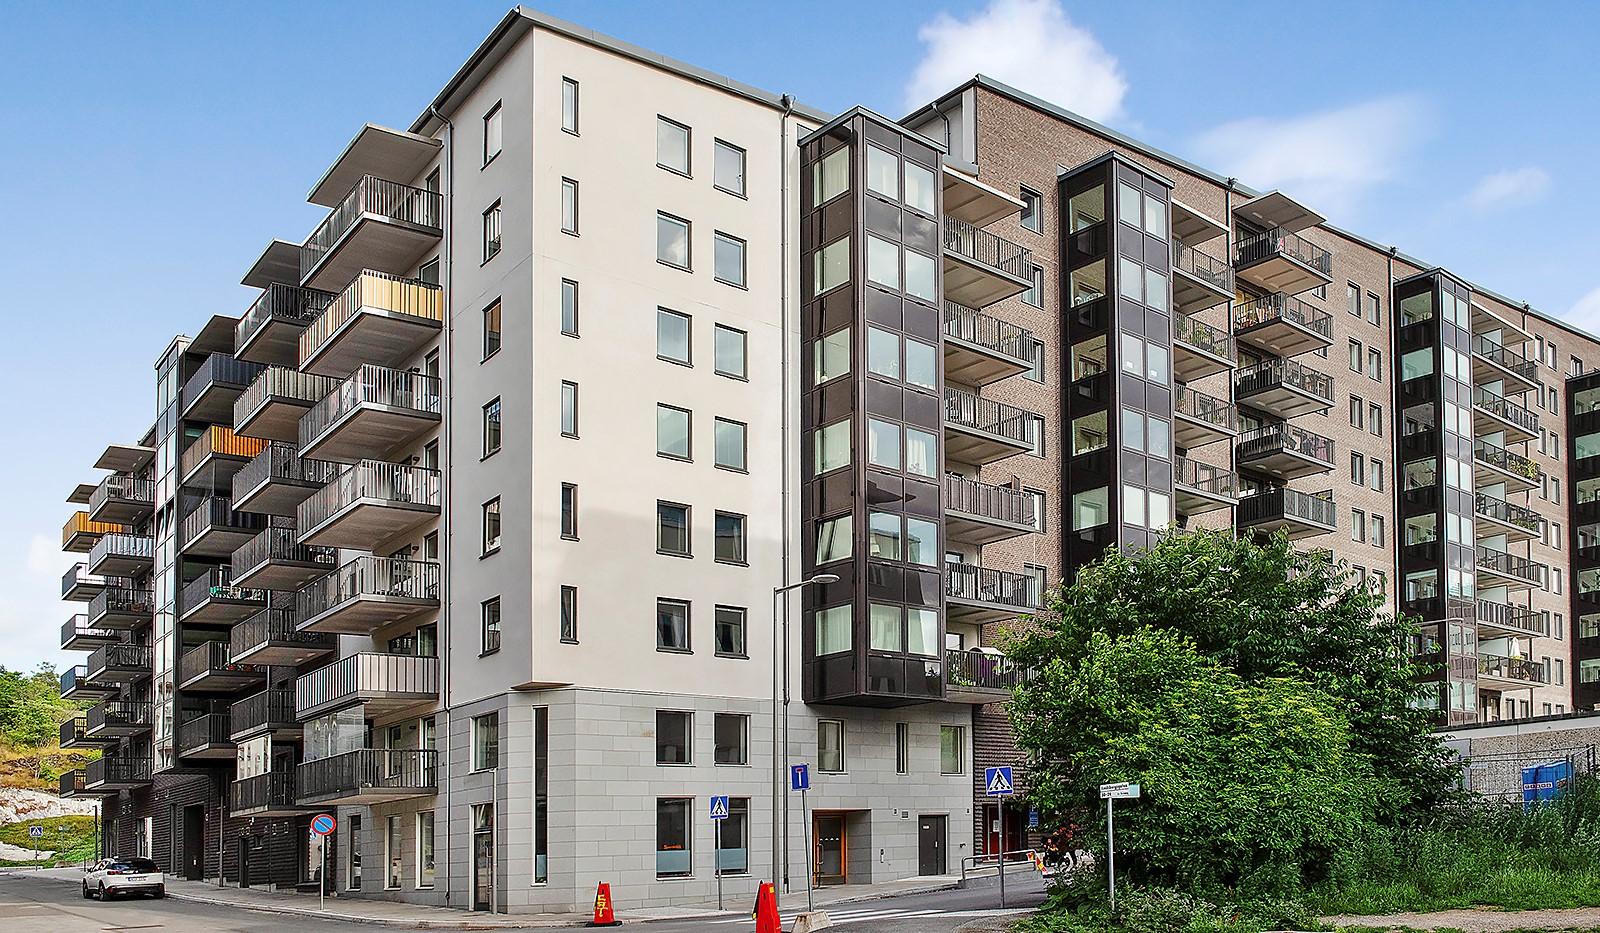 Oskarslundsbacken 1, 2tr - Fin ny fastighet i Liljeholmskajen